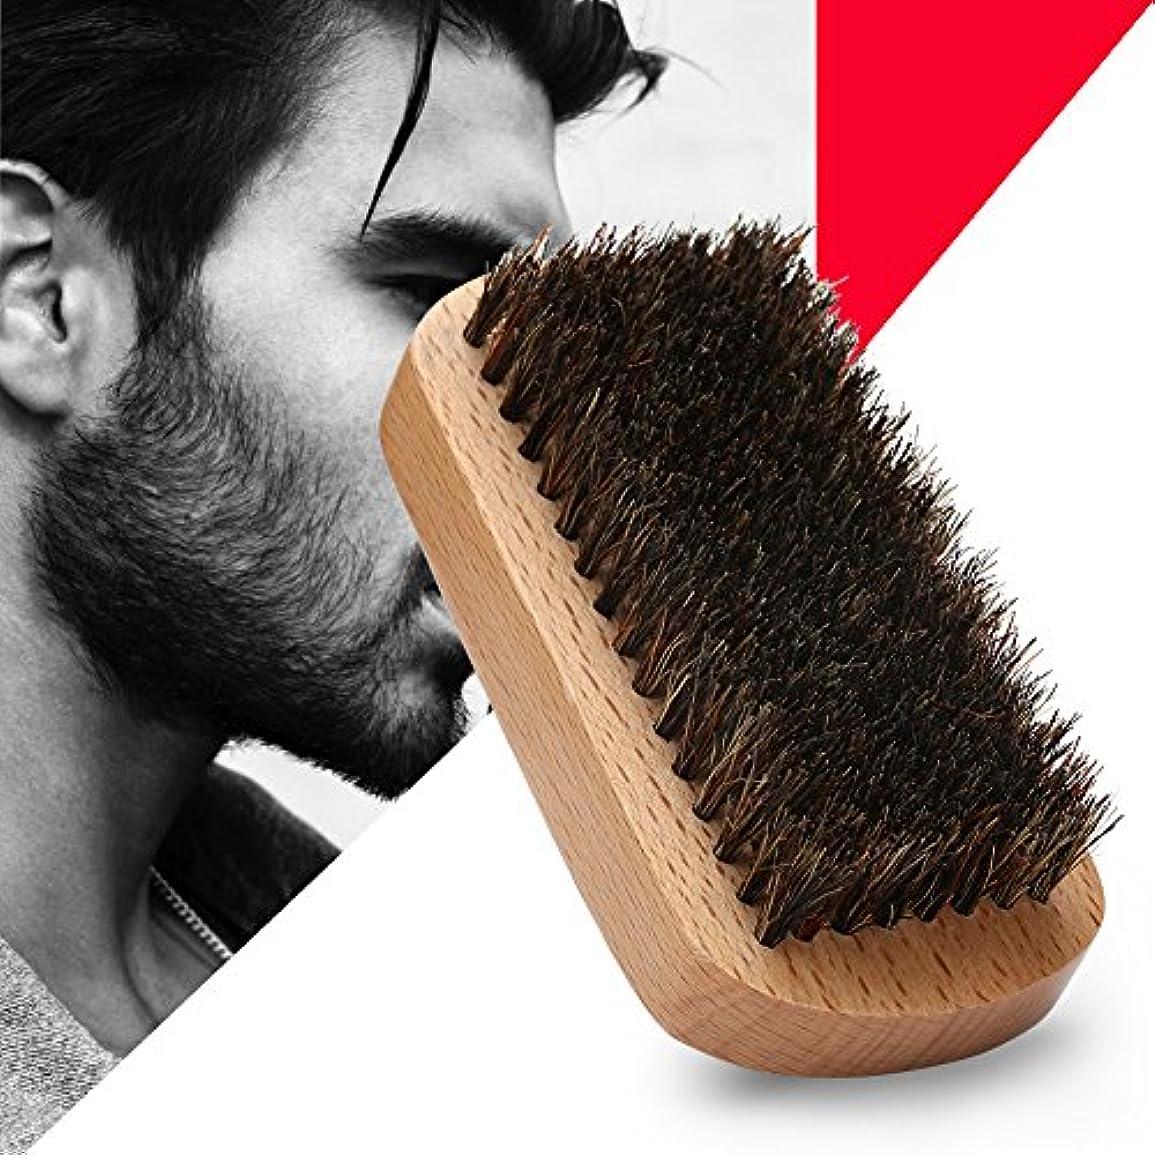 教える三角研究所シェービングブラシ メンズ ウッド 豚剛毛 クリーニング 髭剃り 泡立ち 洗顔ブラシ メンズ ブラック 長方形